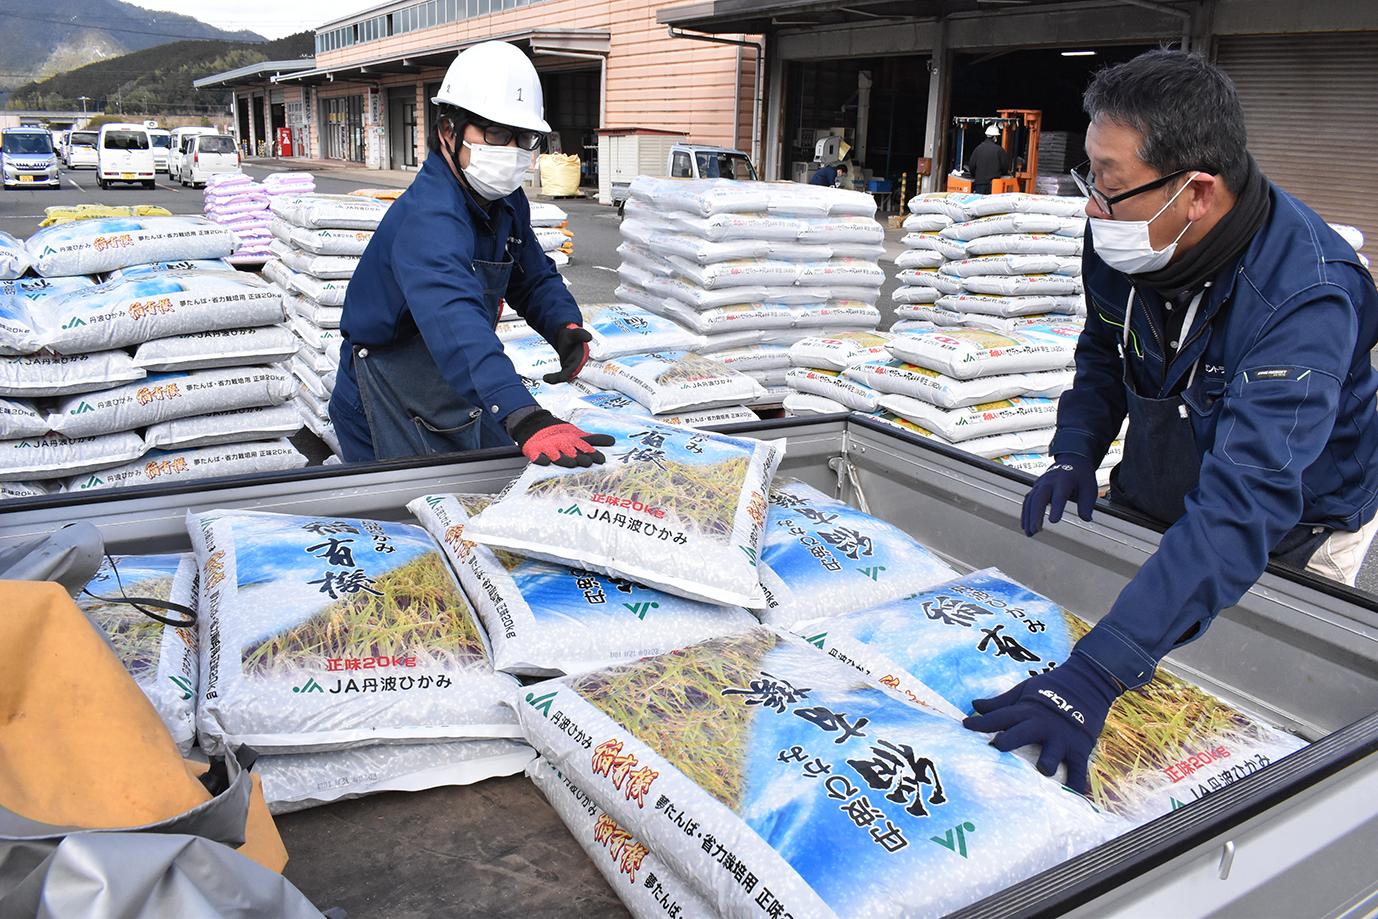 令和3年産米水稲肥料農薬の引き取り 米づくりの準備が着々